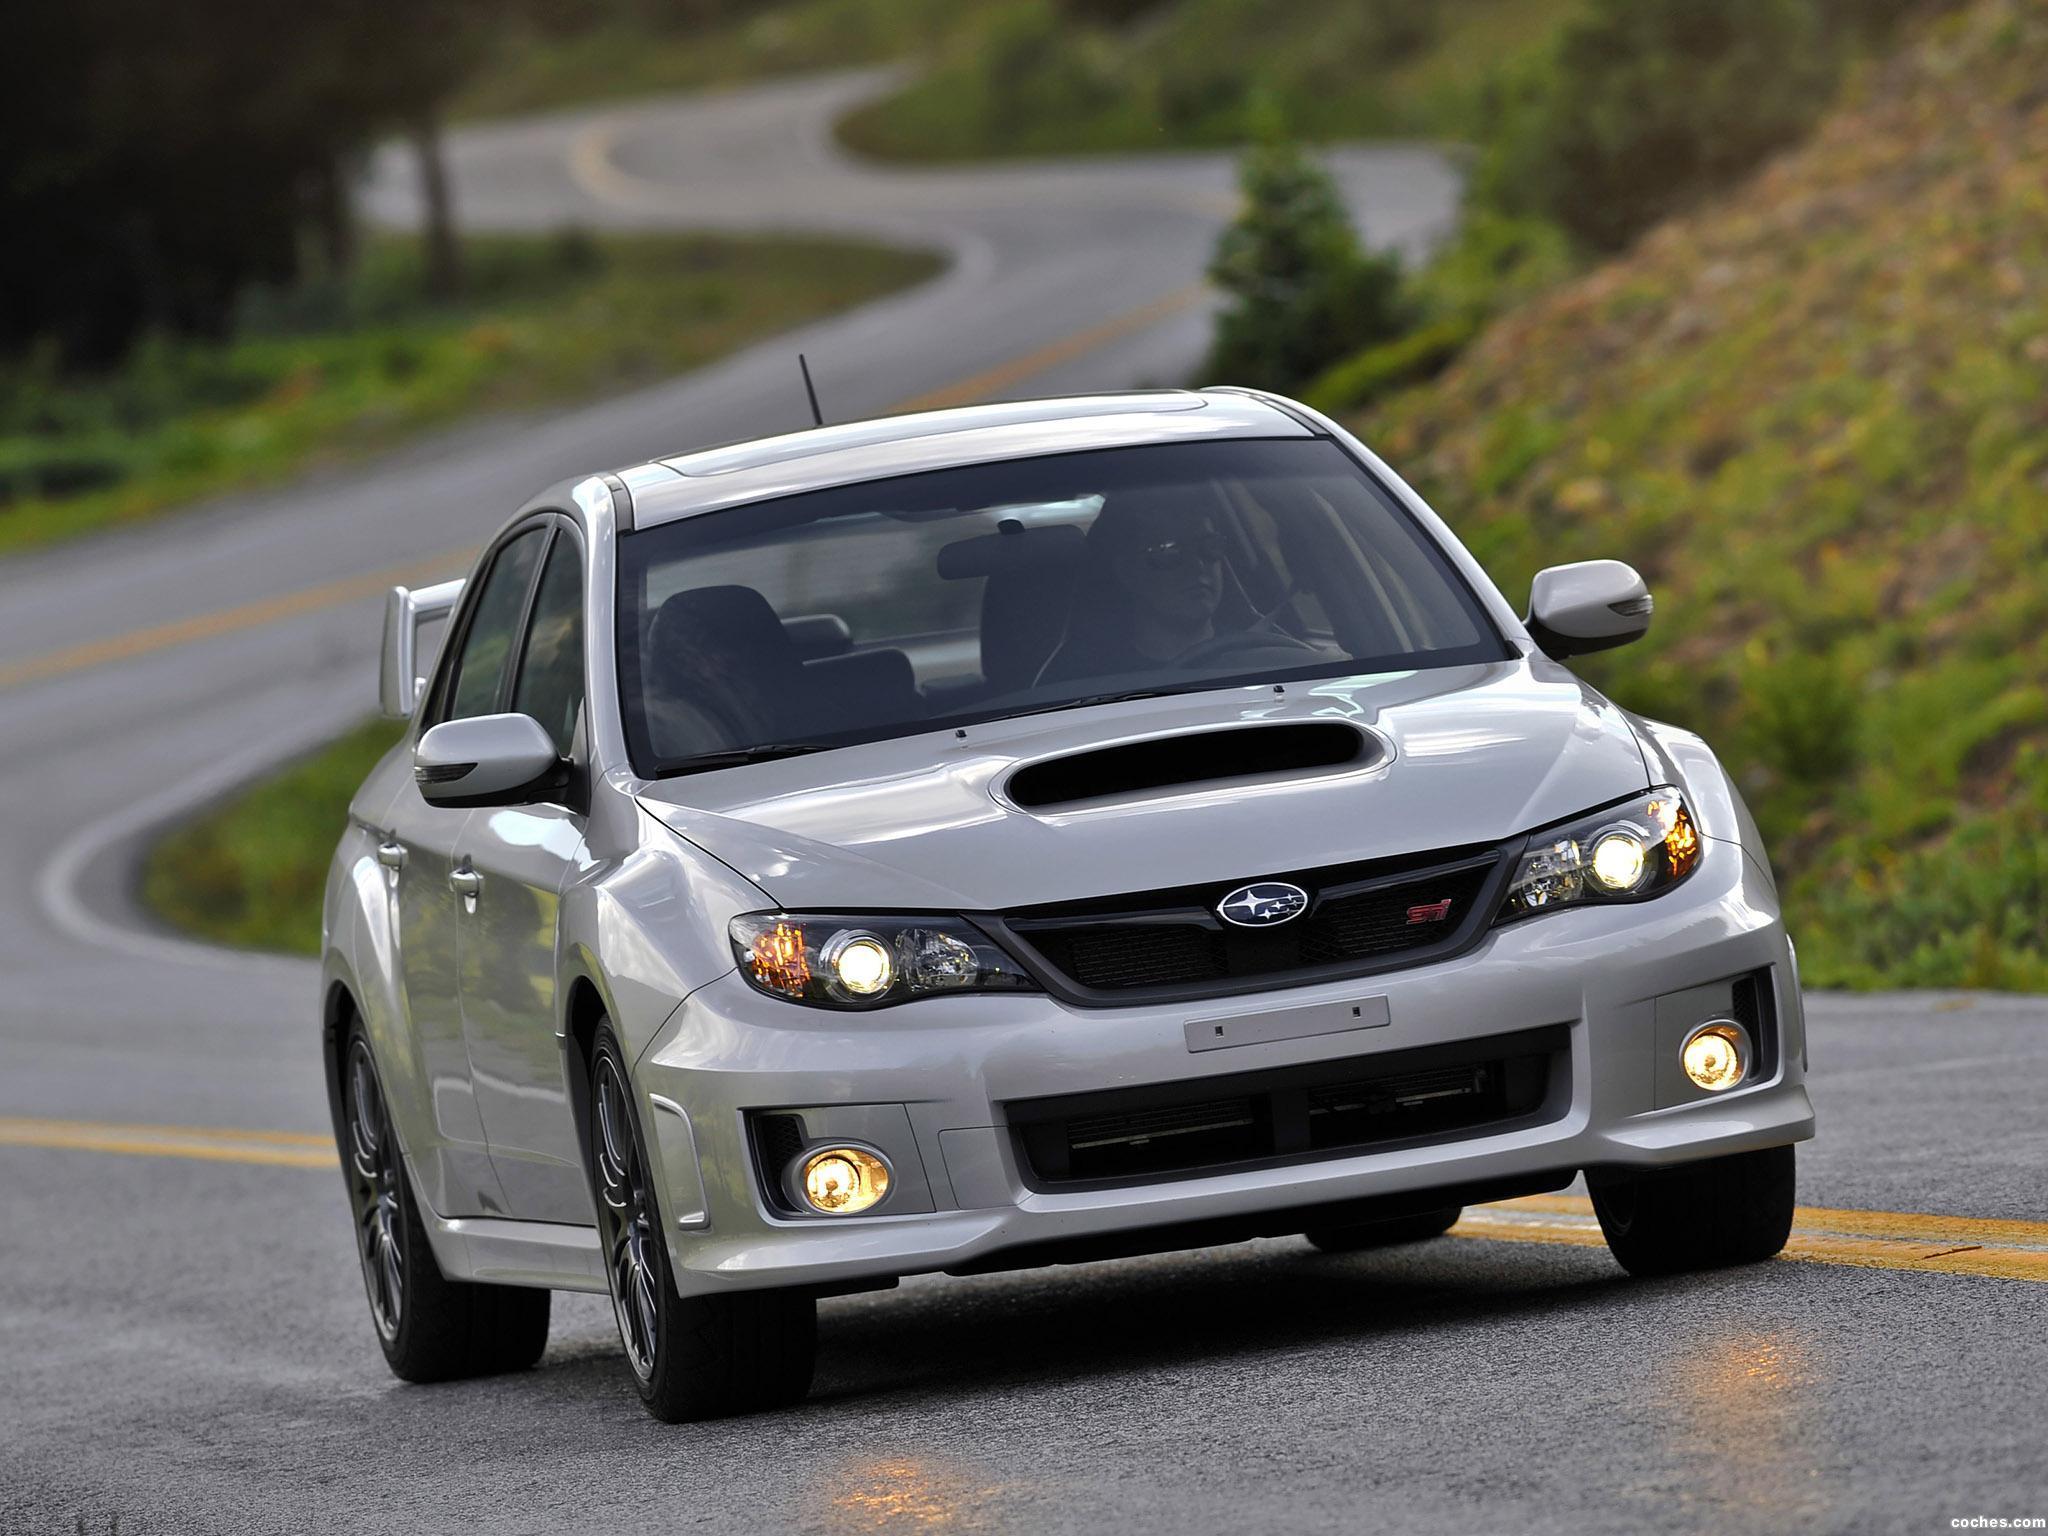 Foto 14 de Subaru Impreza WRX STi Sedan USA 2010